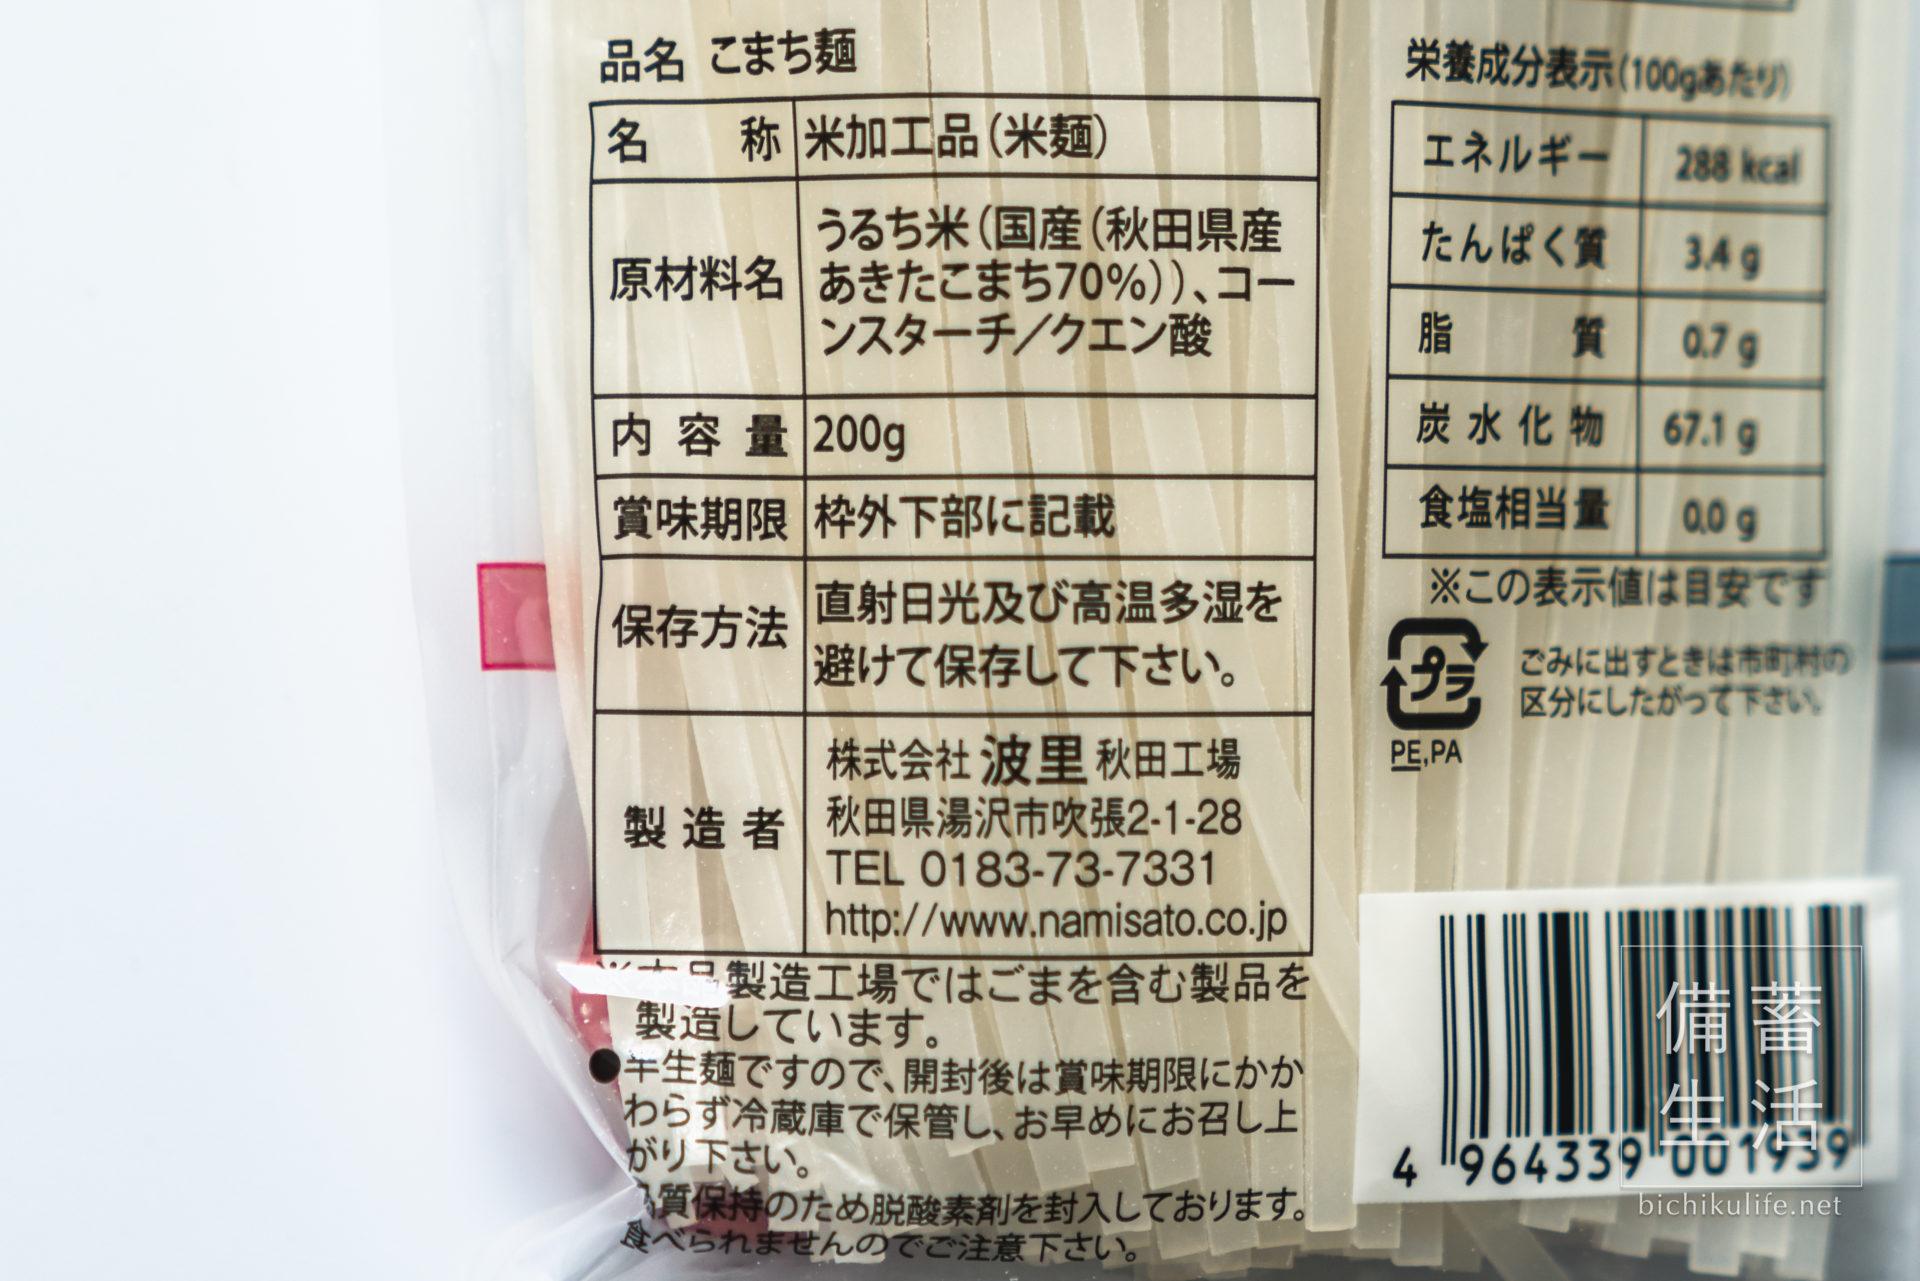 こまち麺 秋田県産あきたこまちを使用の半生麺の原材料